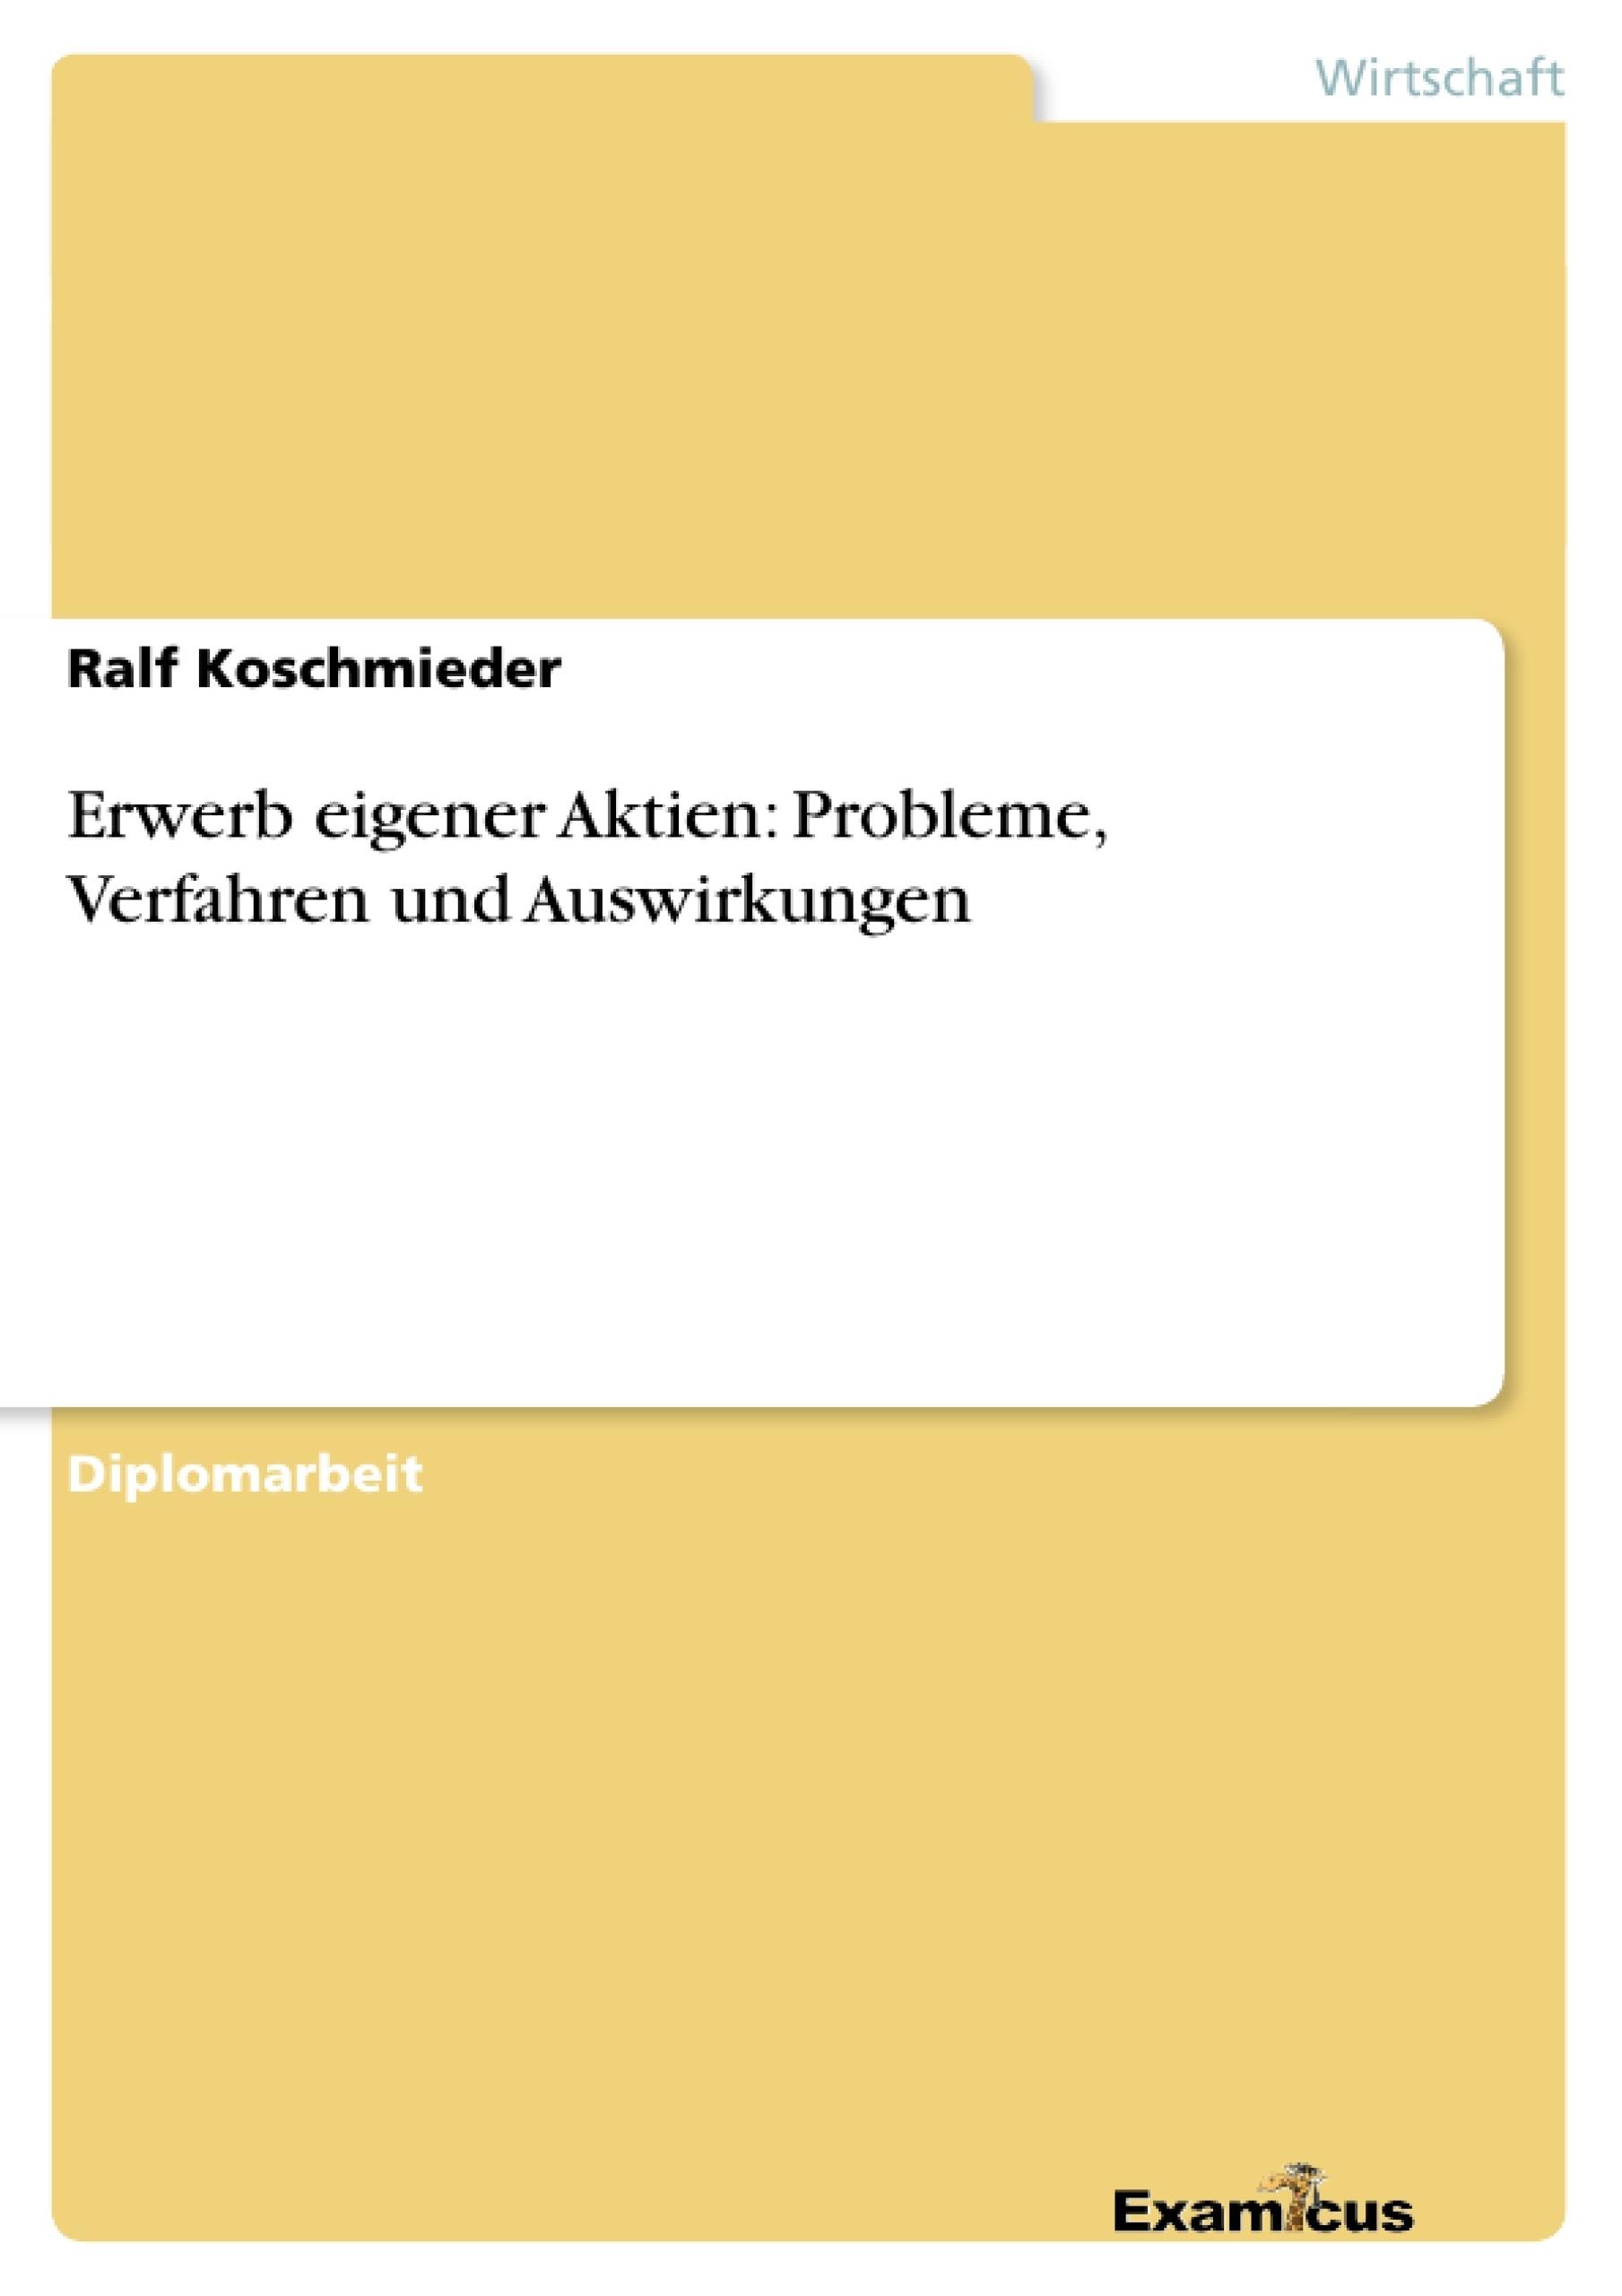 Titel: Erwerb eigener Aktien: Probleme, Verfahren und Auswirkungen